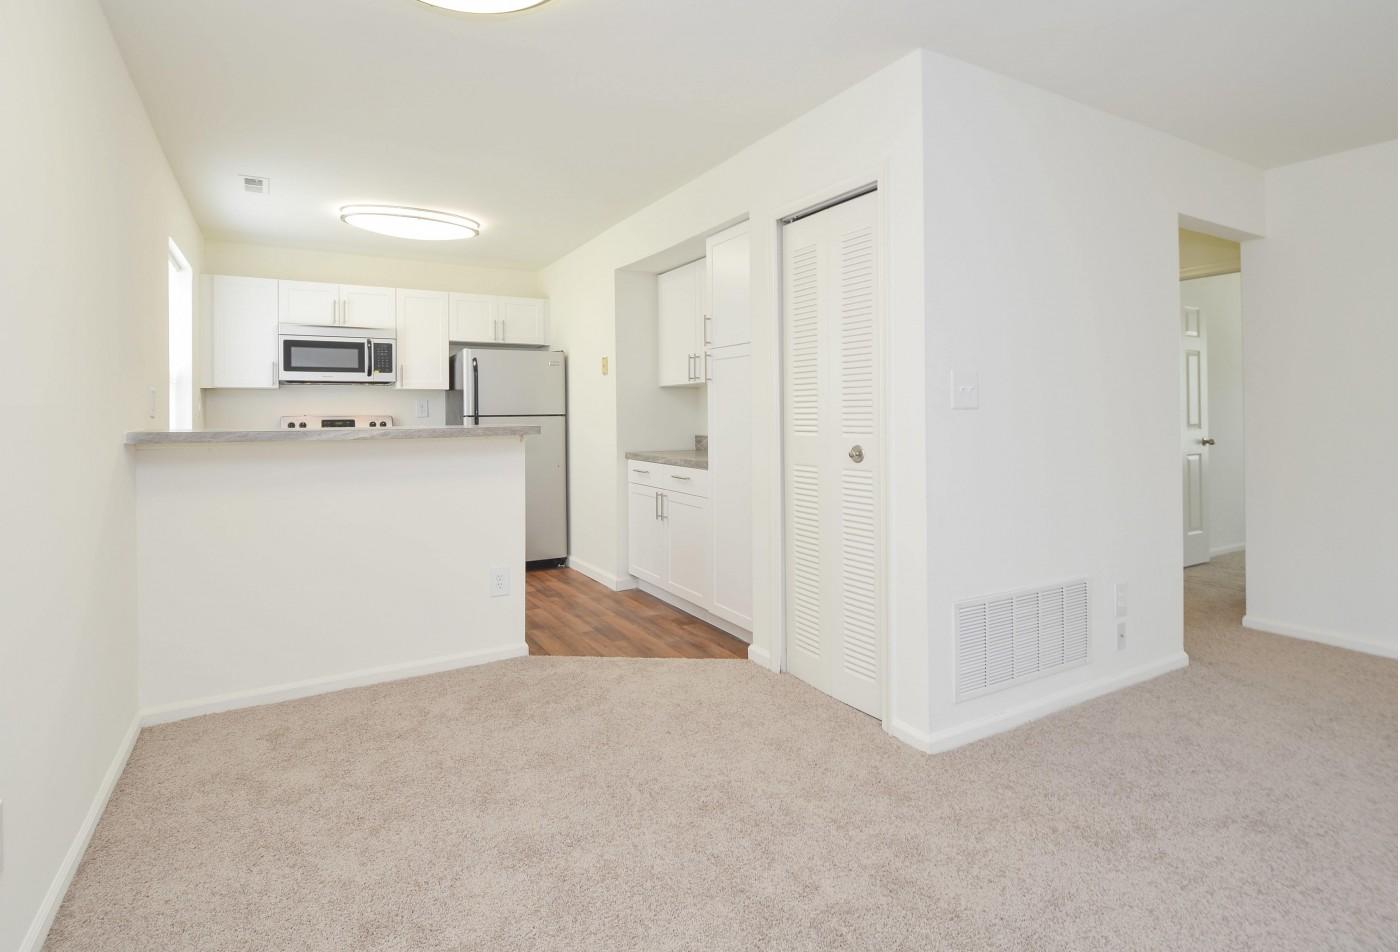 Spacious Hallway | Apartments in Marlton, NJ | Willlow Ridge Village Apartments